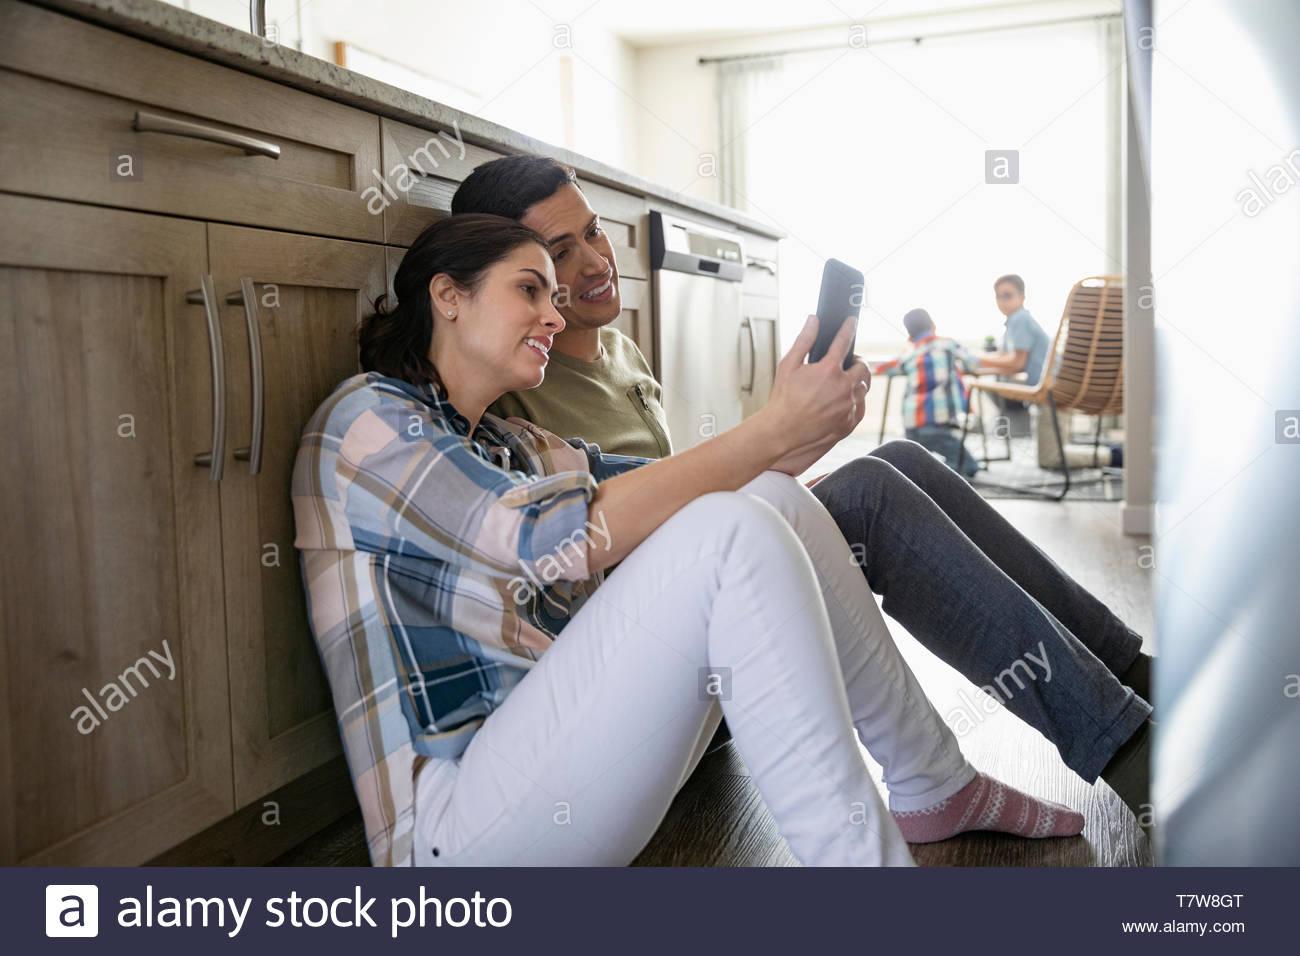 Affettuosa giovane utilizzando smart phone sul pavimento della cucina con i bambini in background Immagini Stock